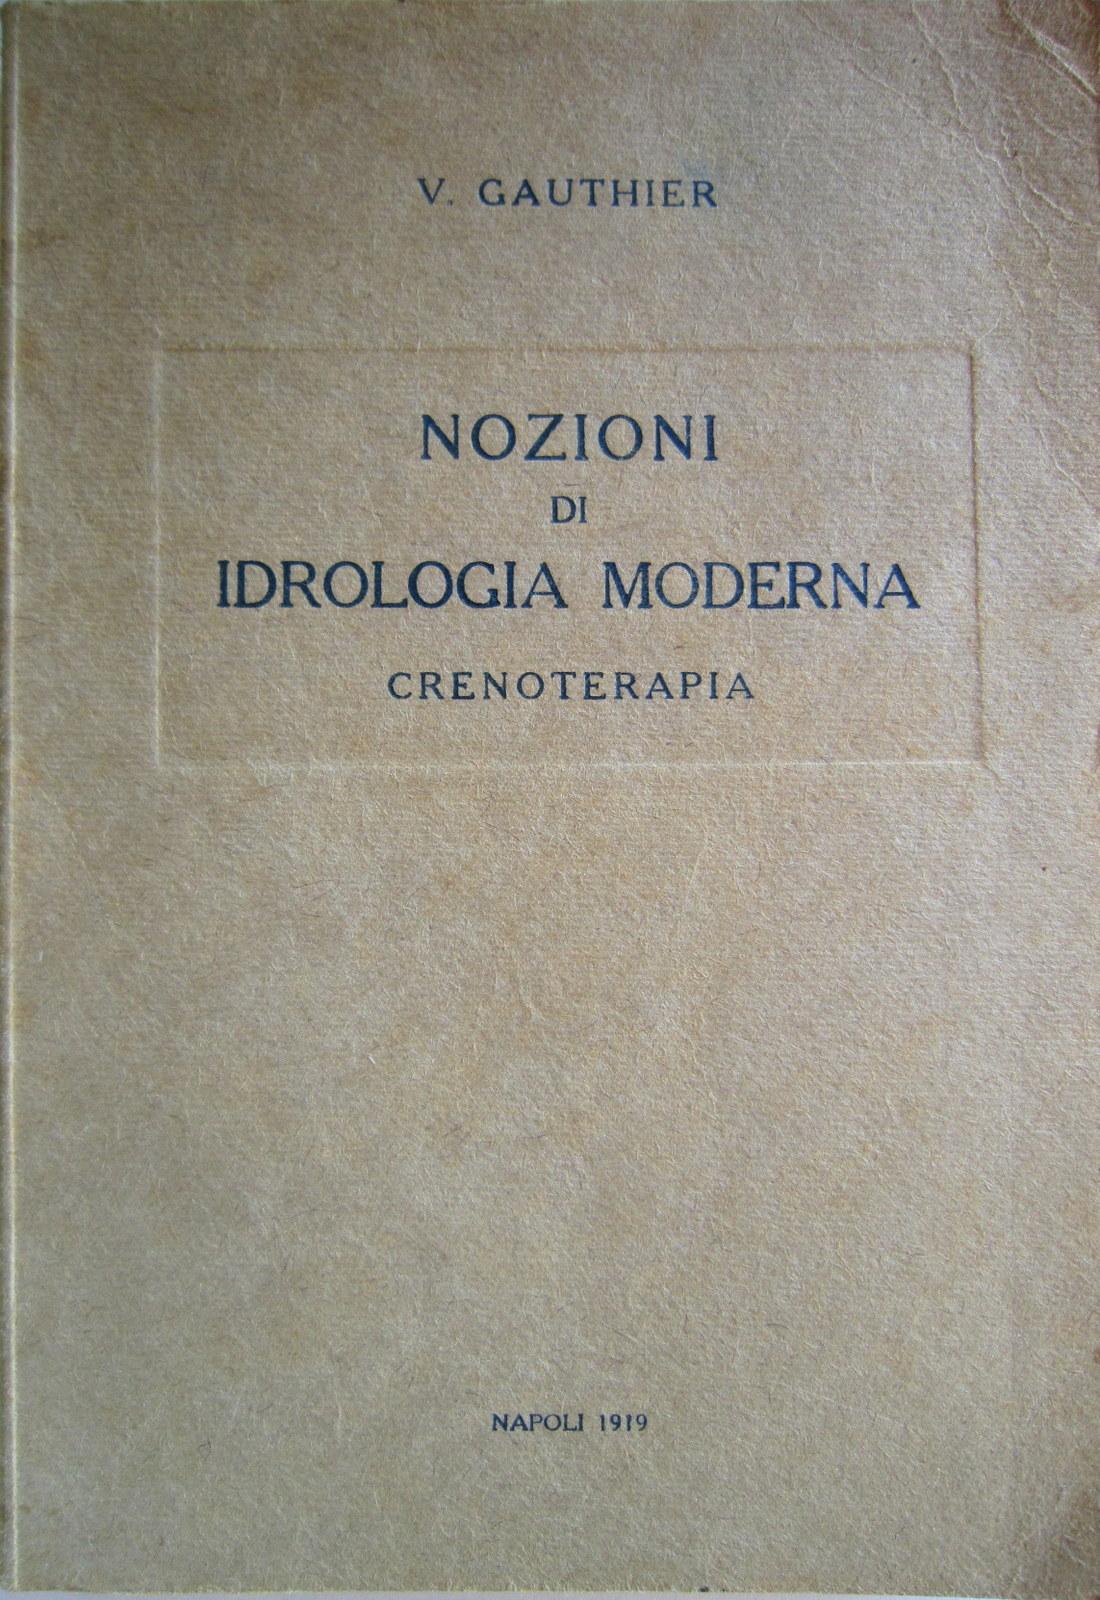 Nozioni di idrologia moderna